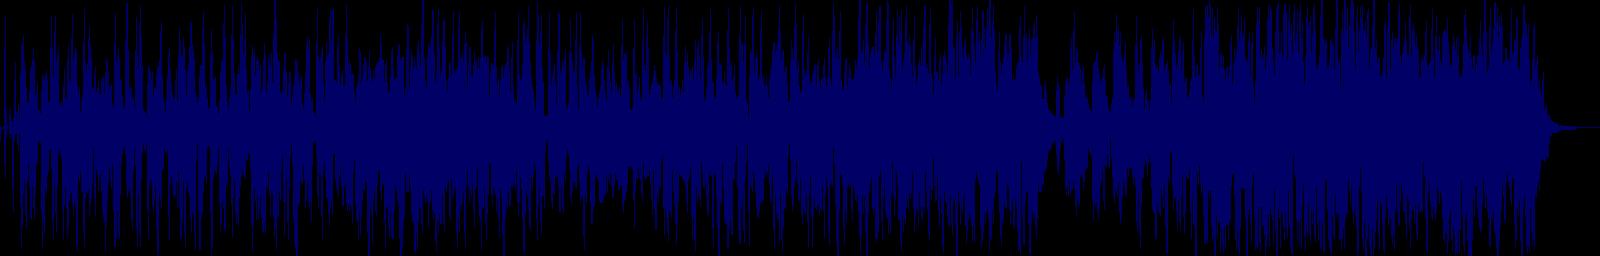 waveform of track #137236